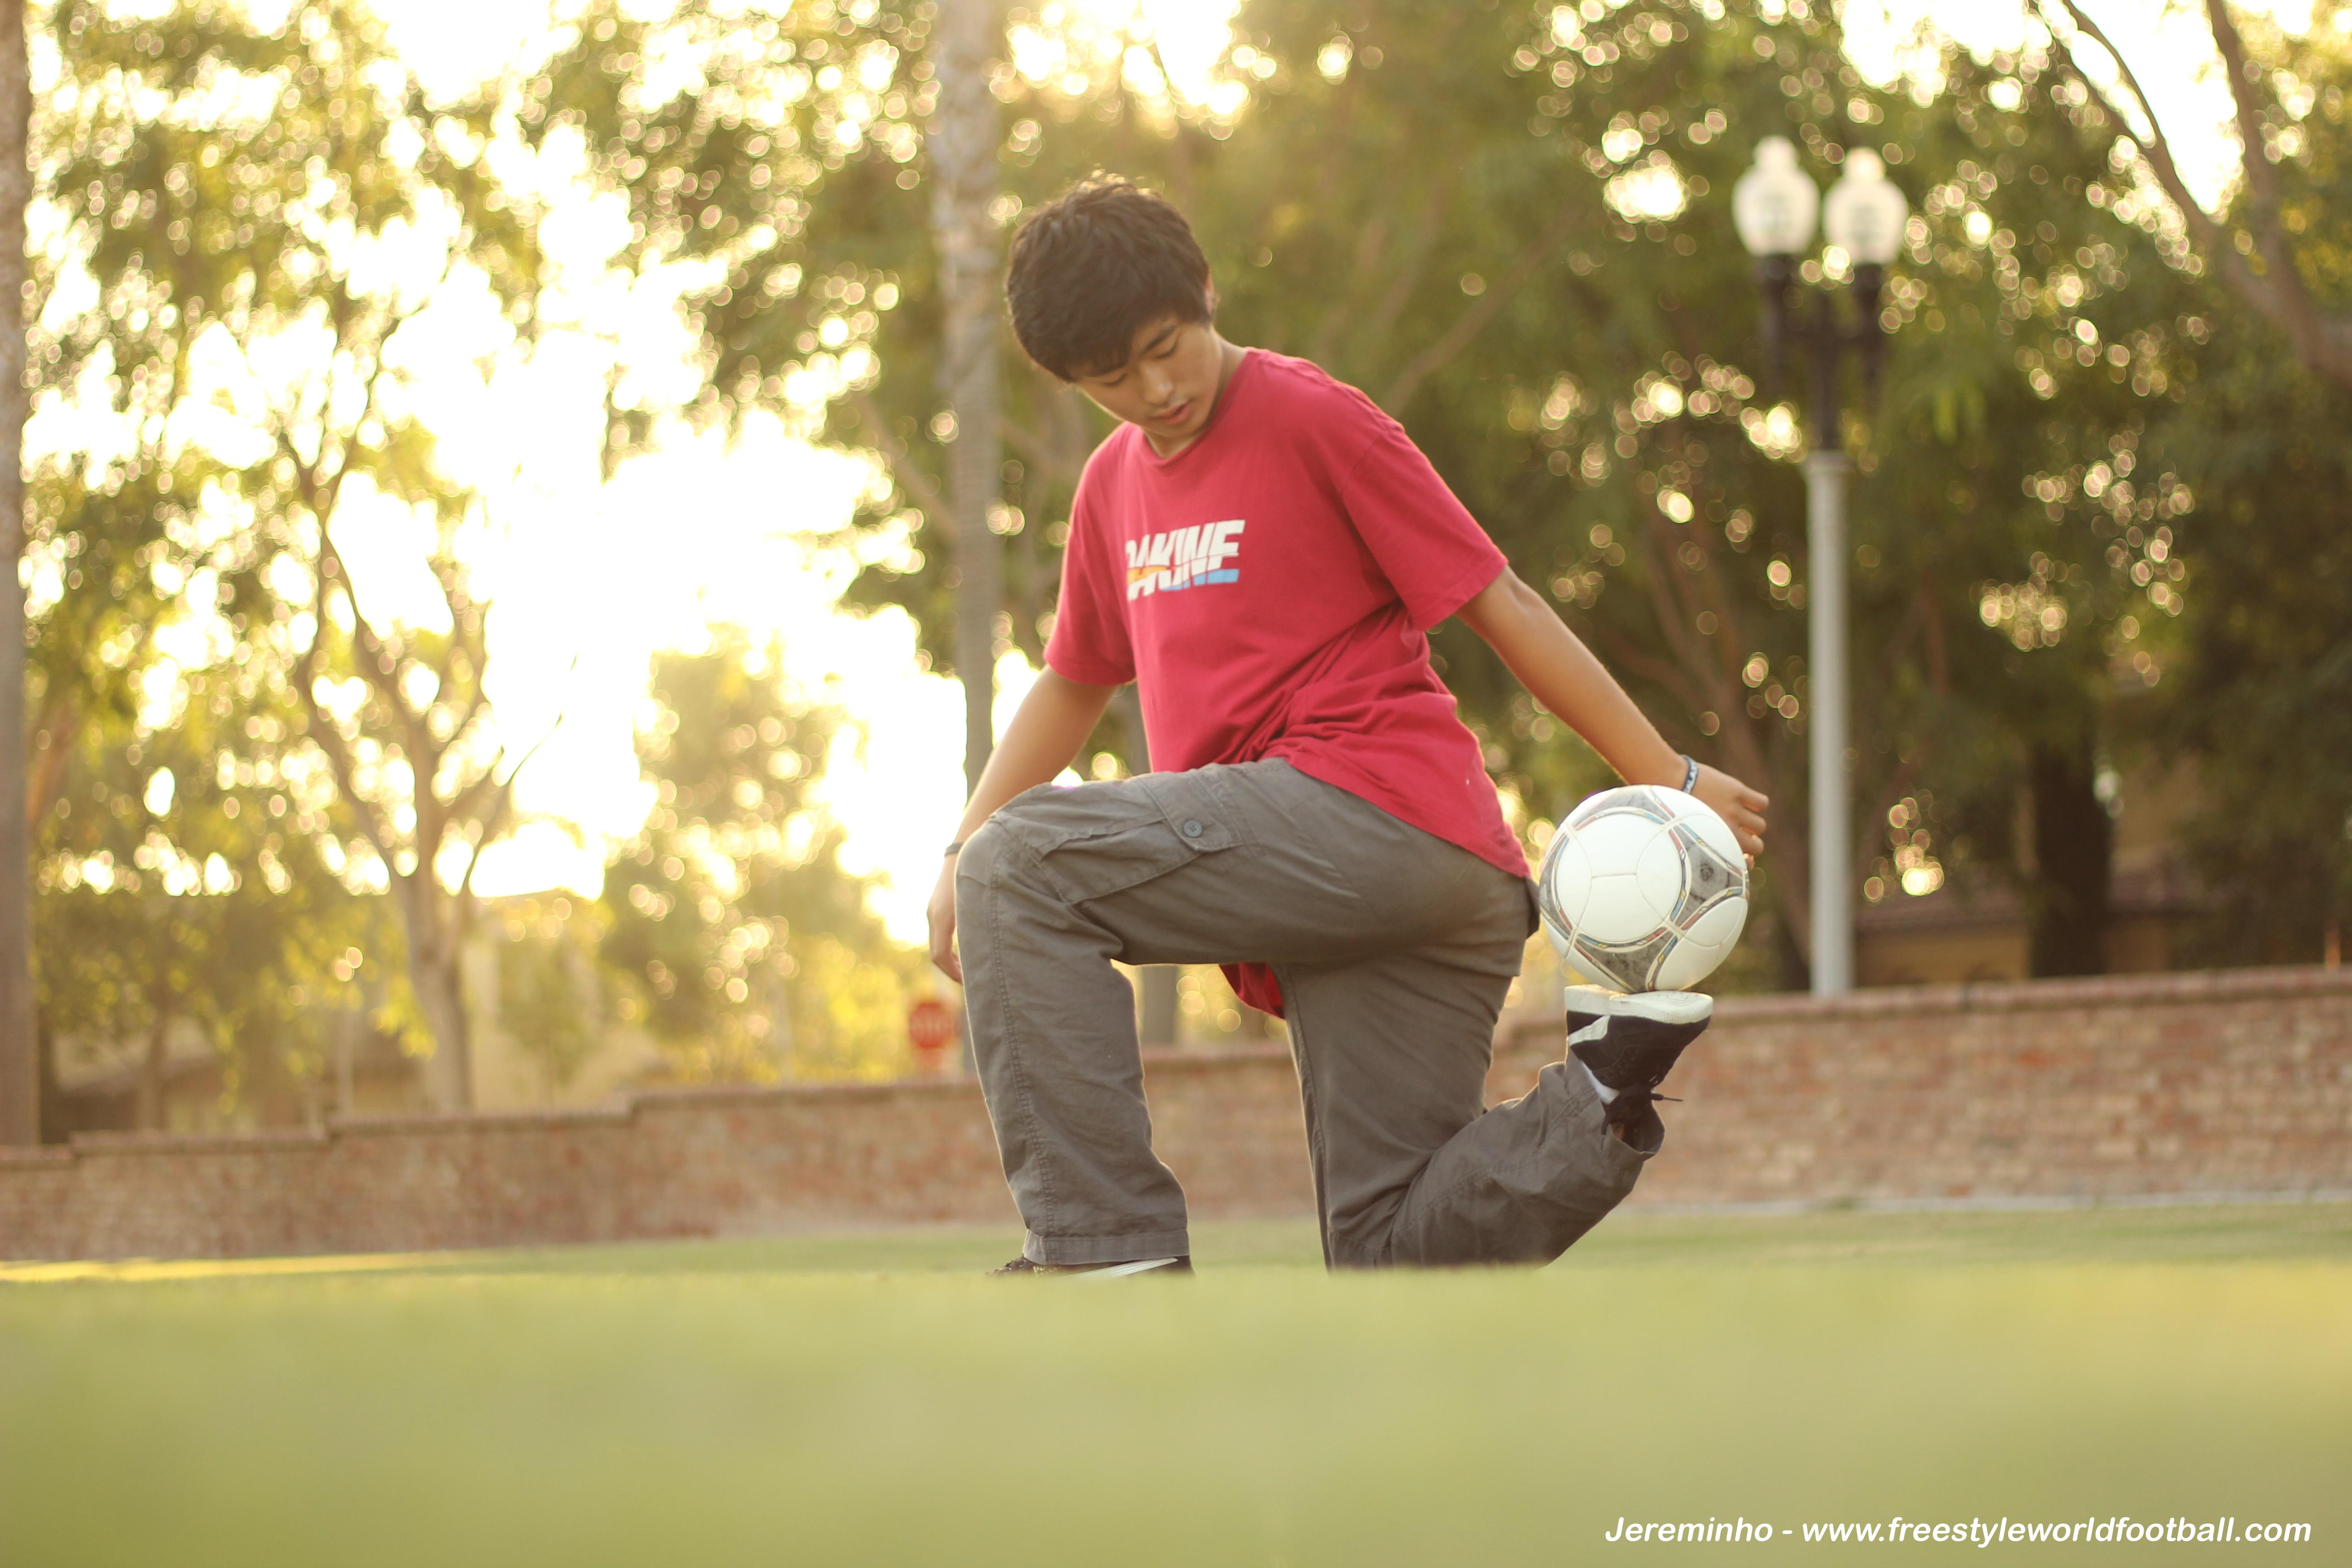 jereminho - www.freestyleworldfootball.com.jpg